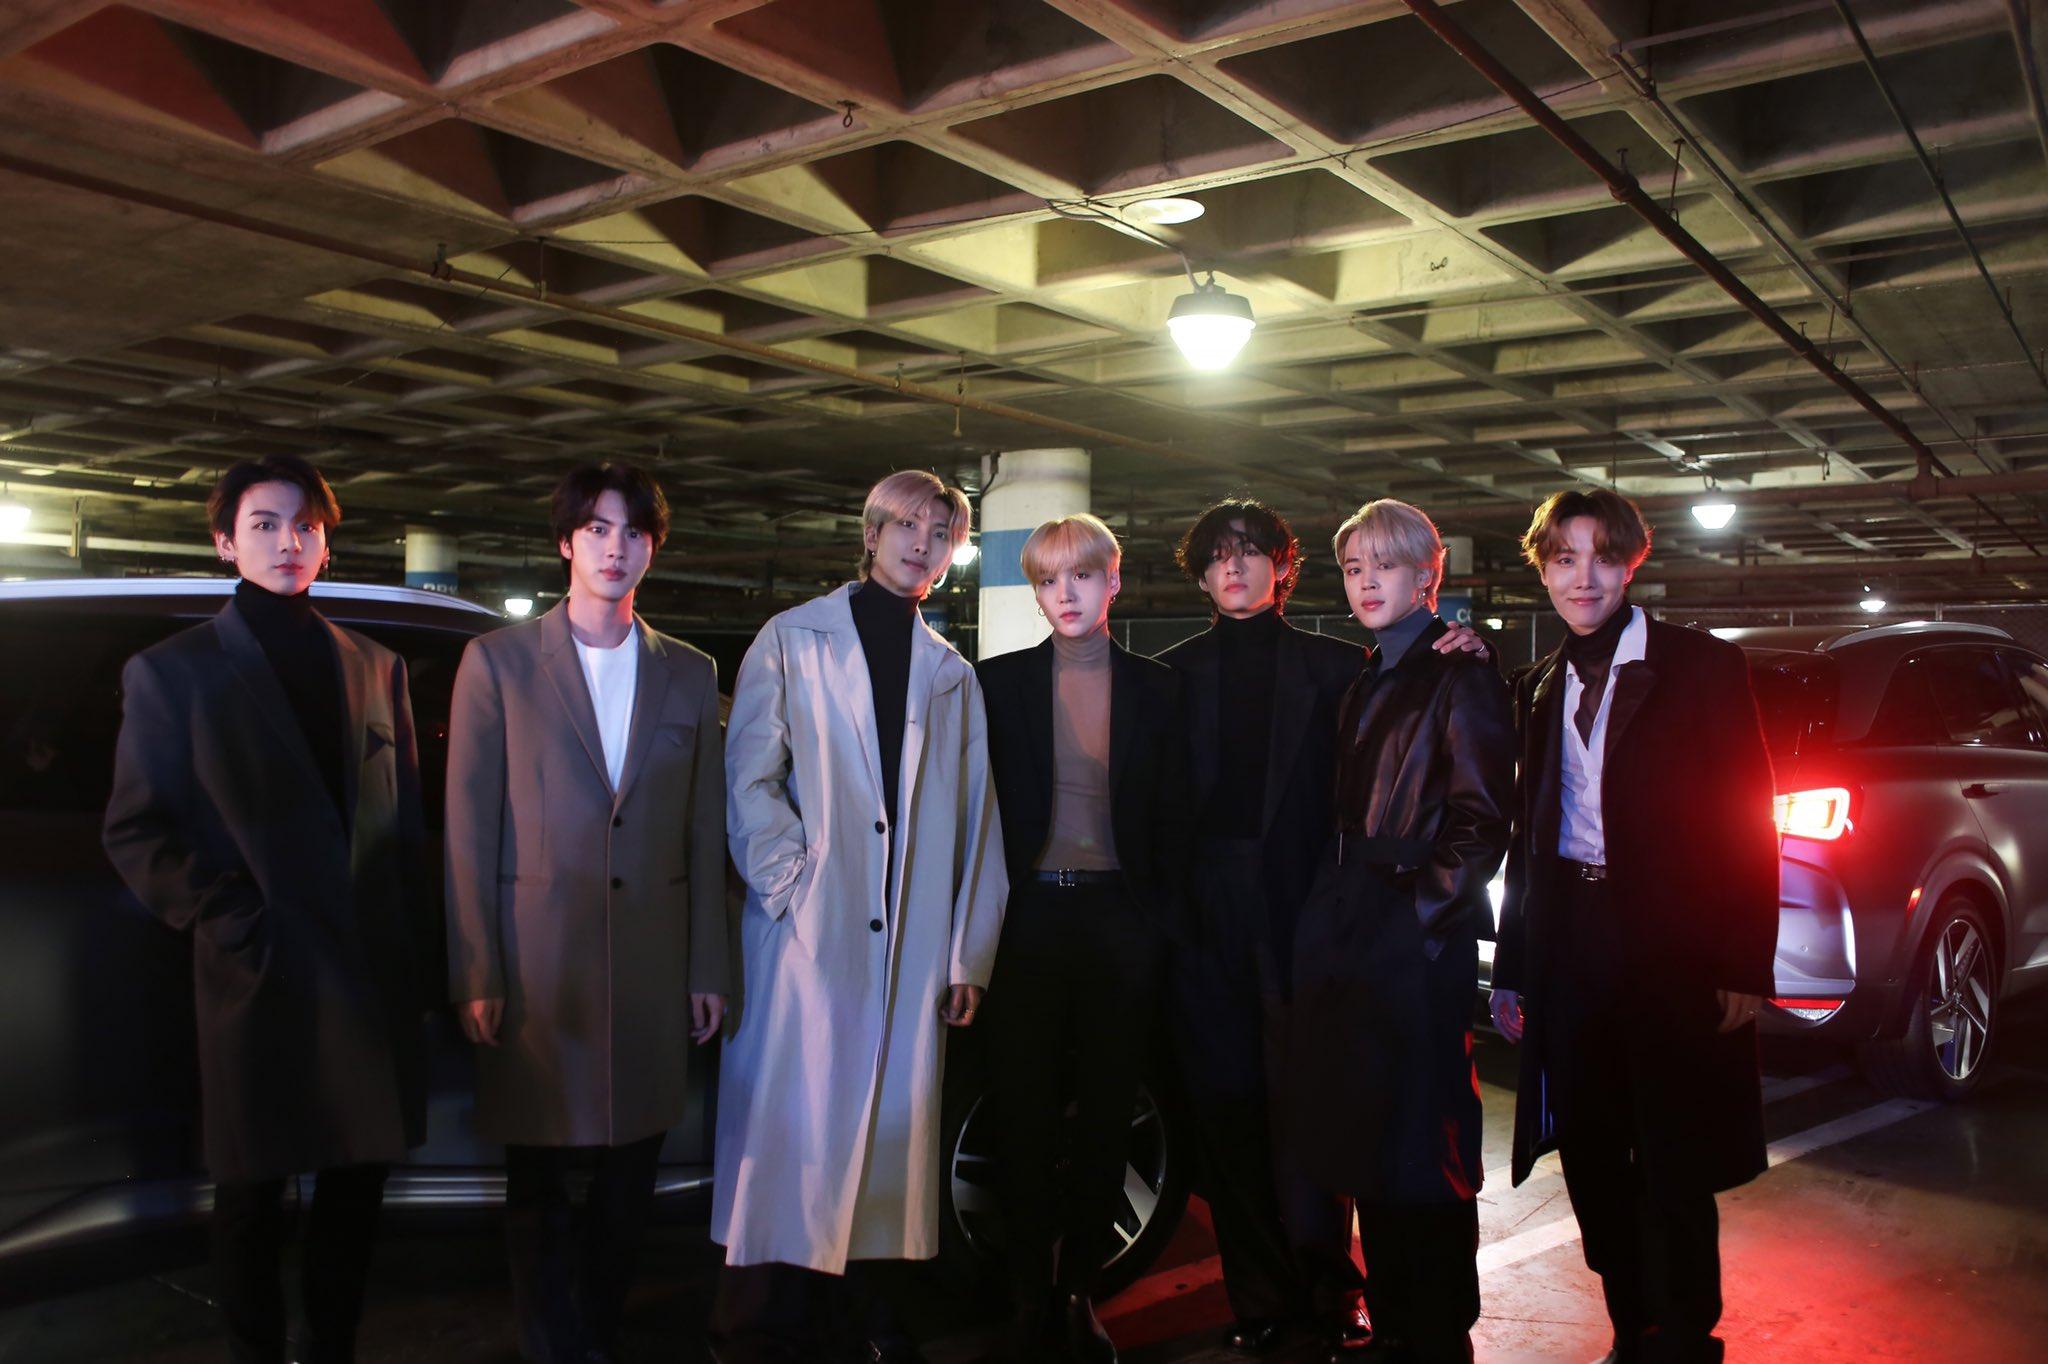 BTS Naik Hyundai NEXO Pertama Kali ke Grammy Awards 2020